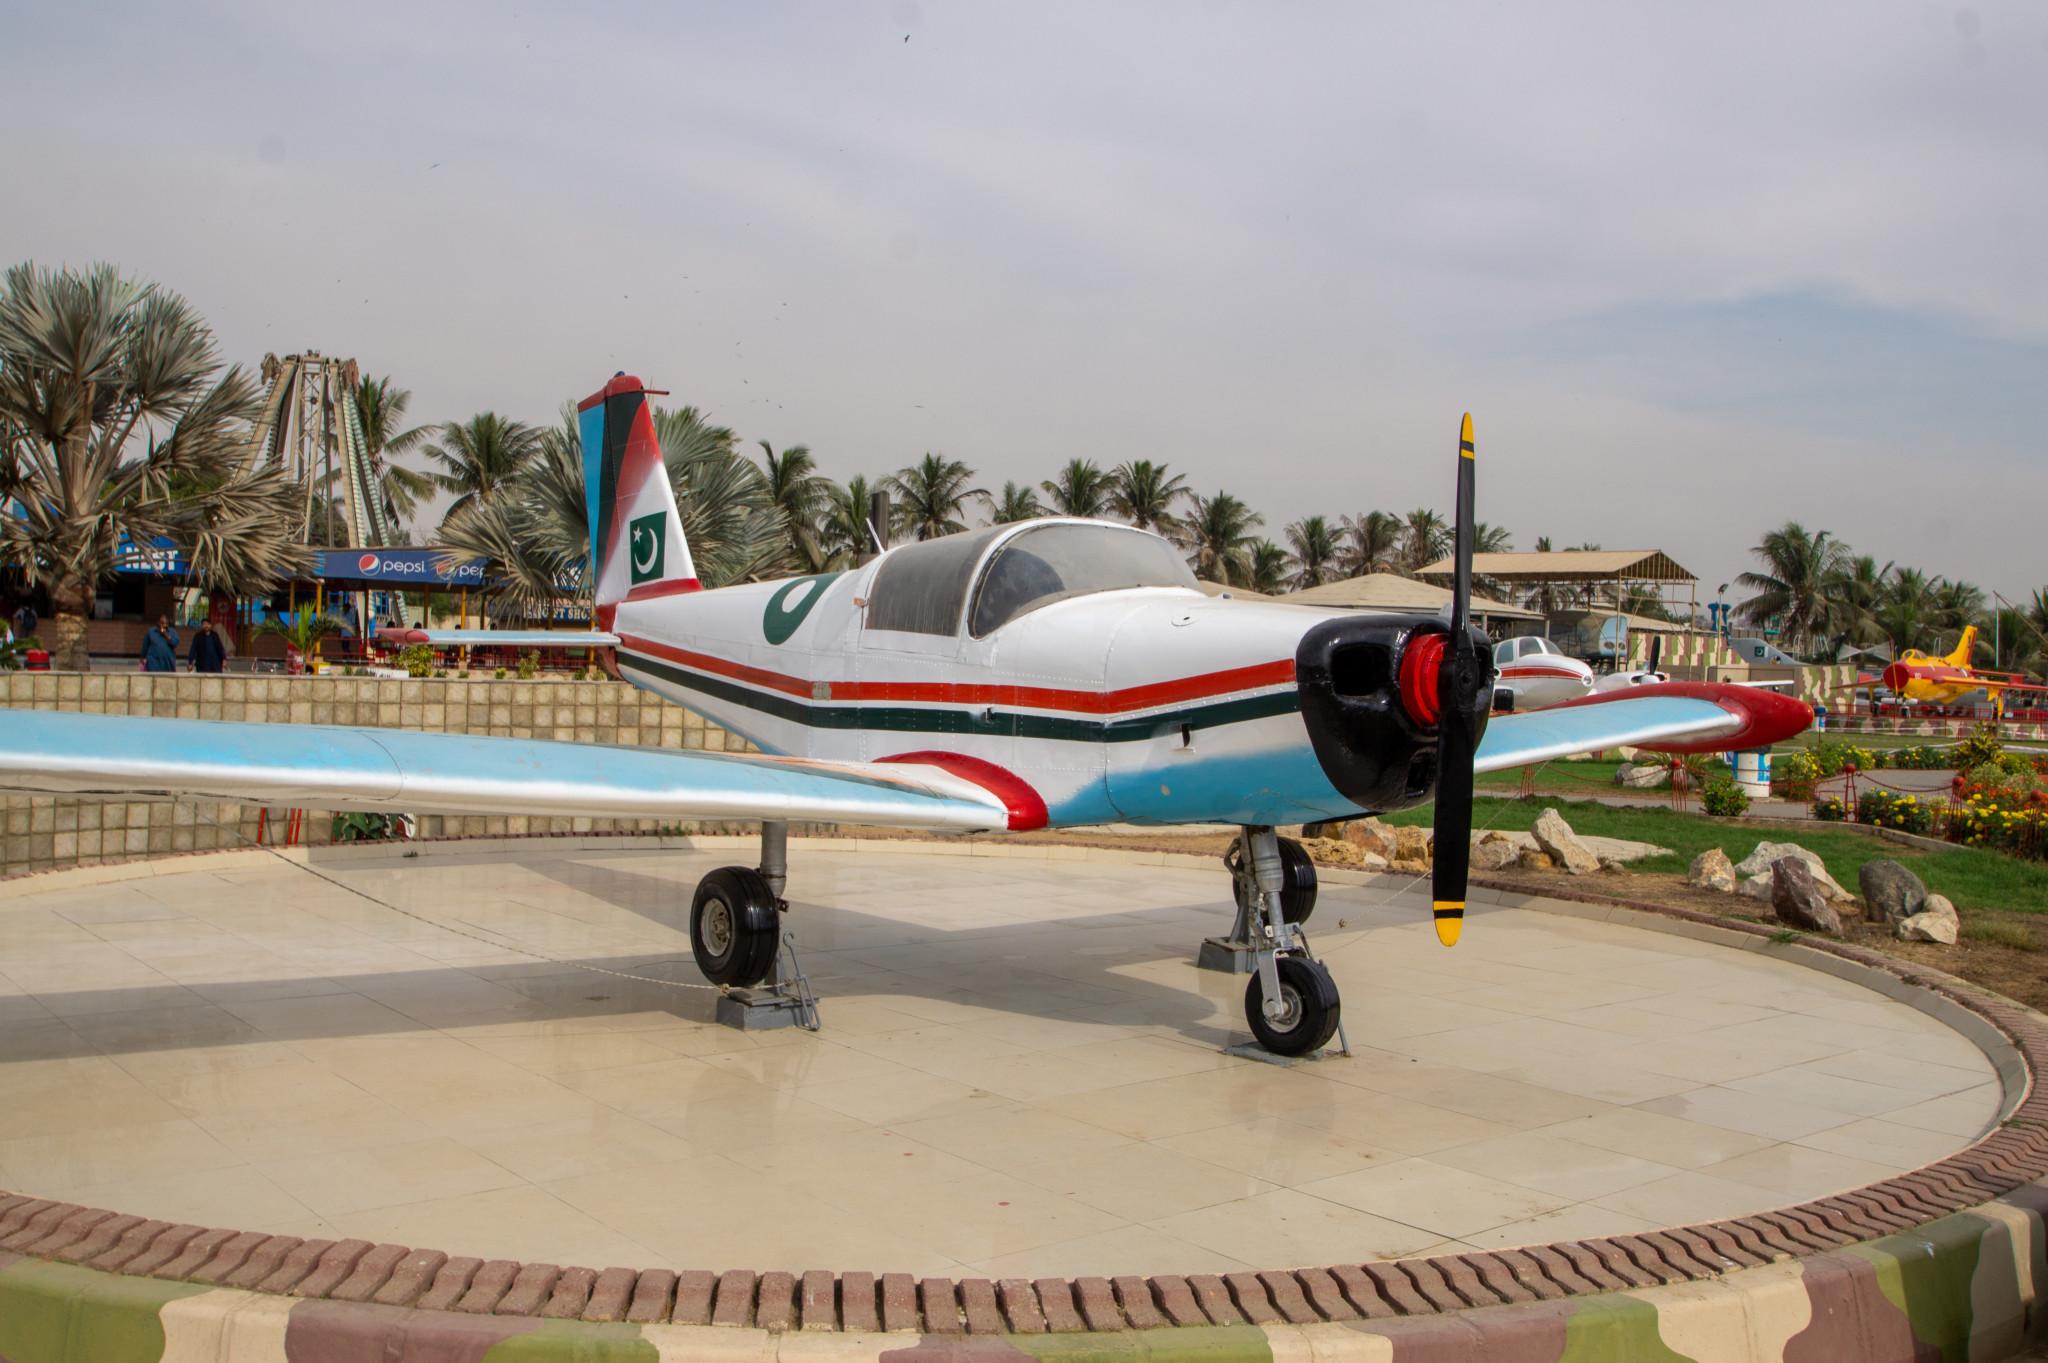 Pakistan Air Force Museum: Ein guter Tipp für einen Tag in Karatschi